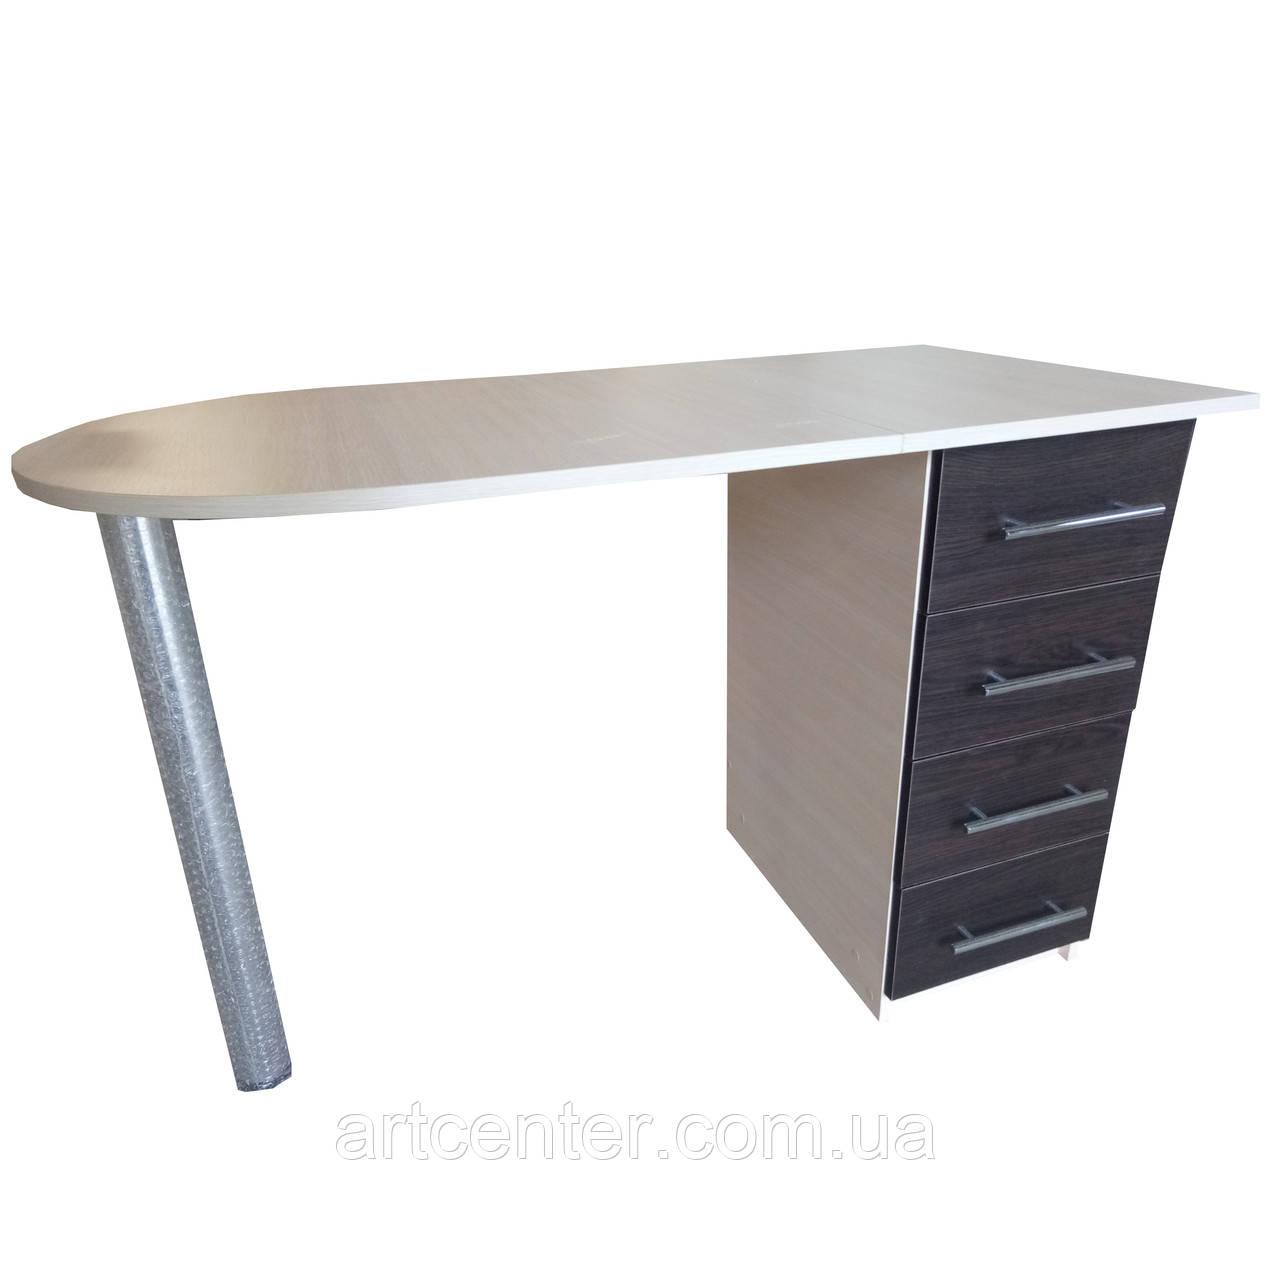 Маникюрный стол комбинированных цветов со складной столешницей на ножке